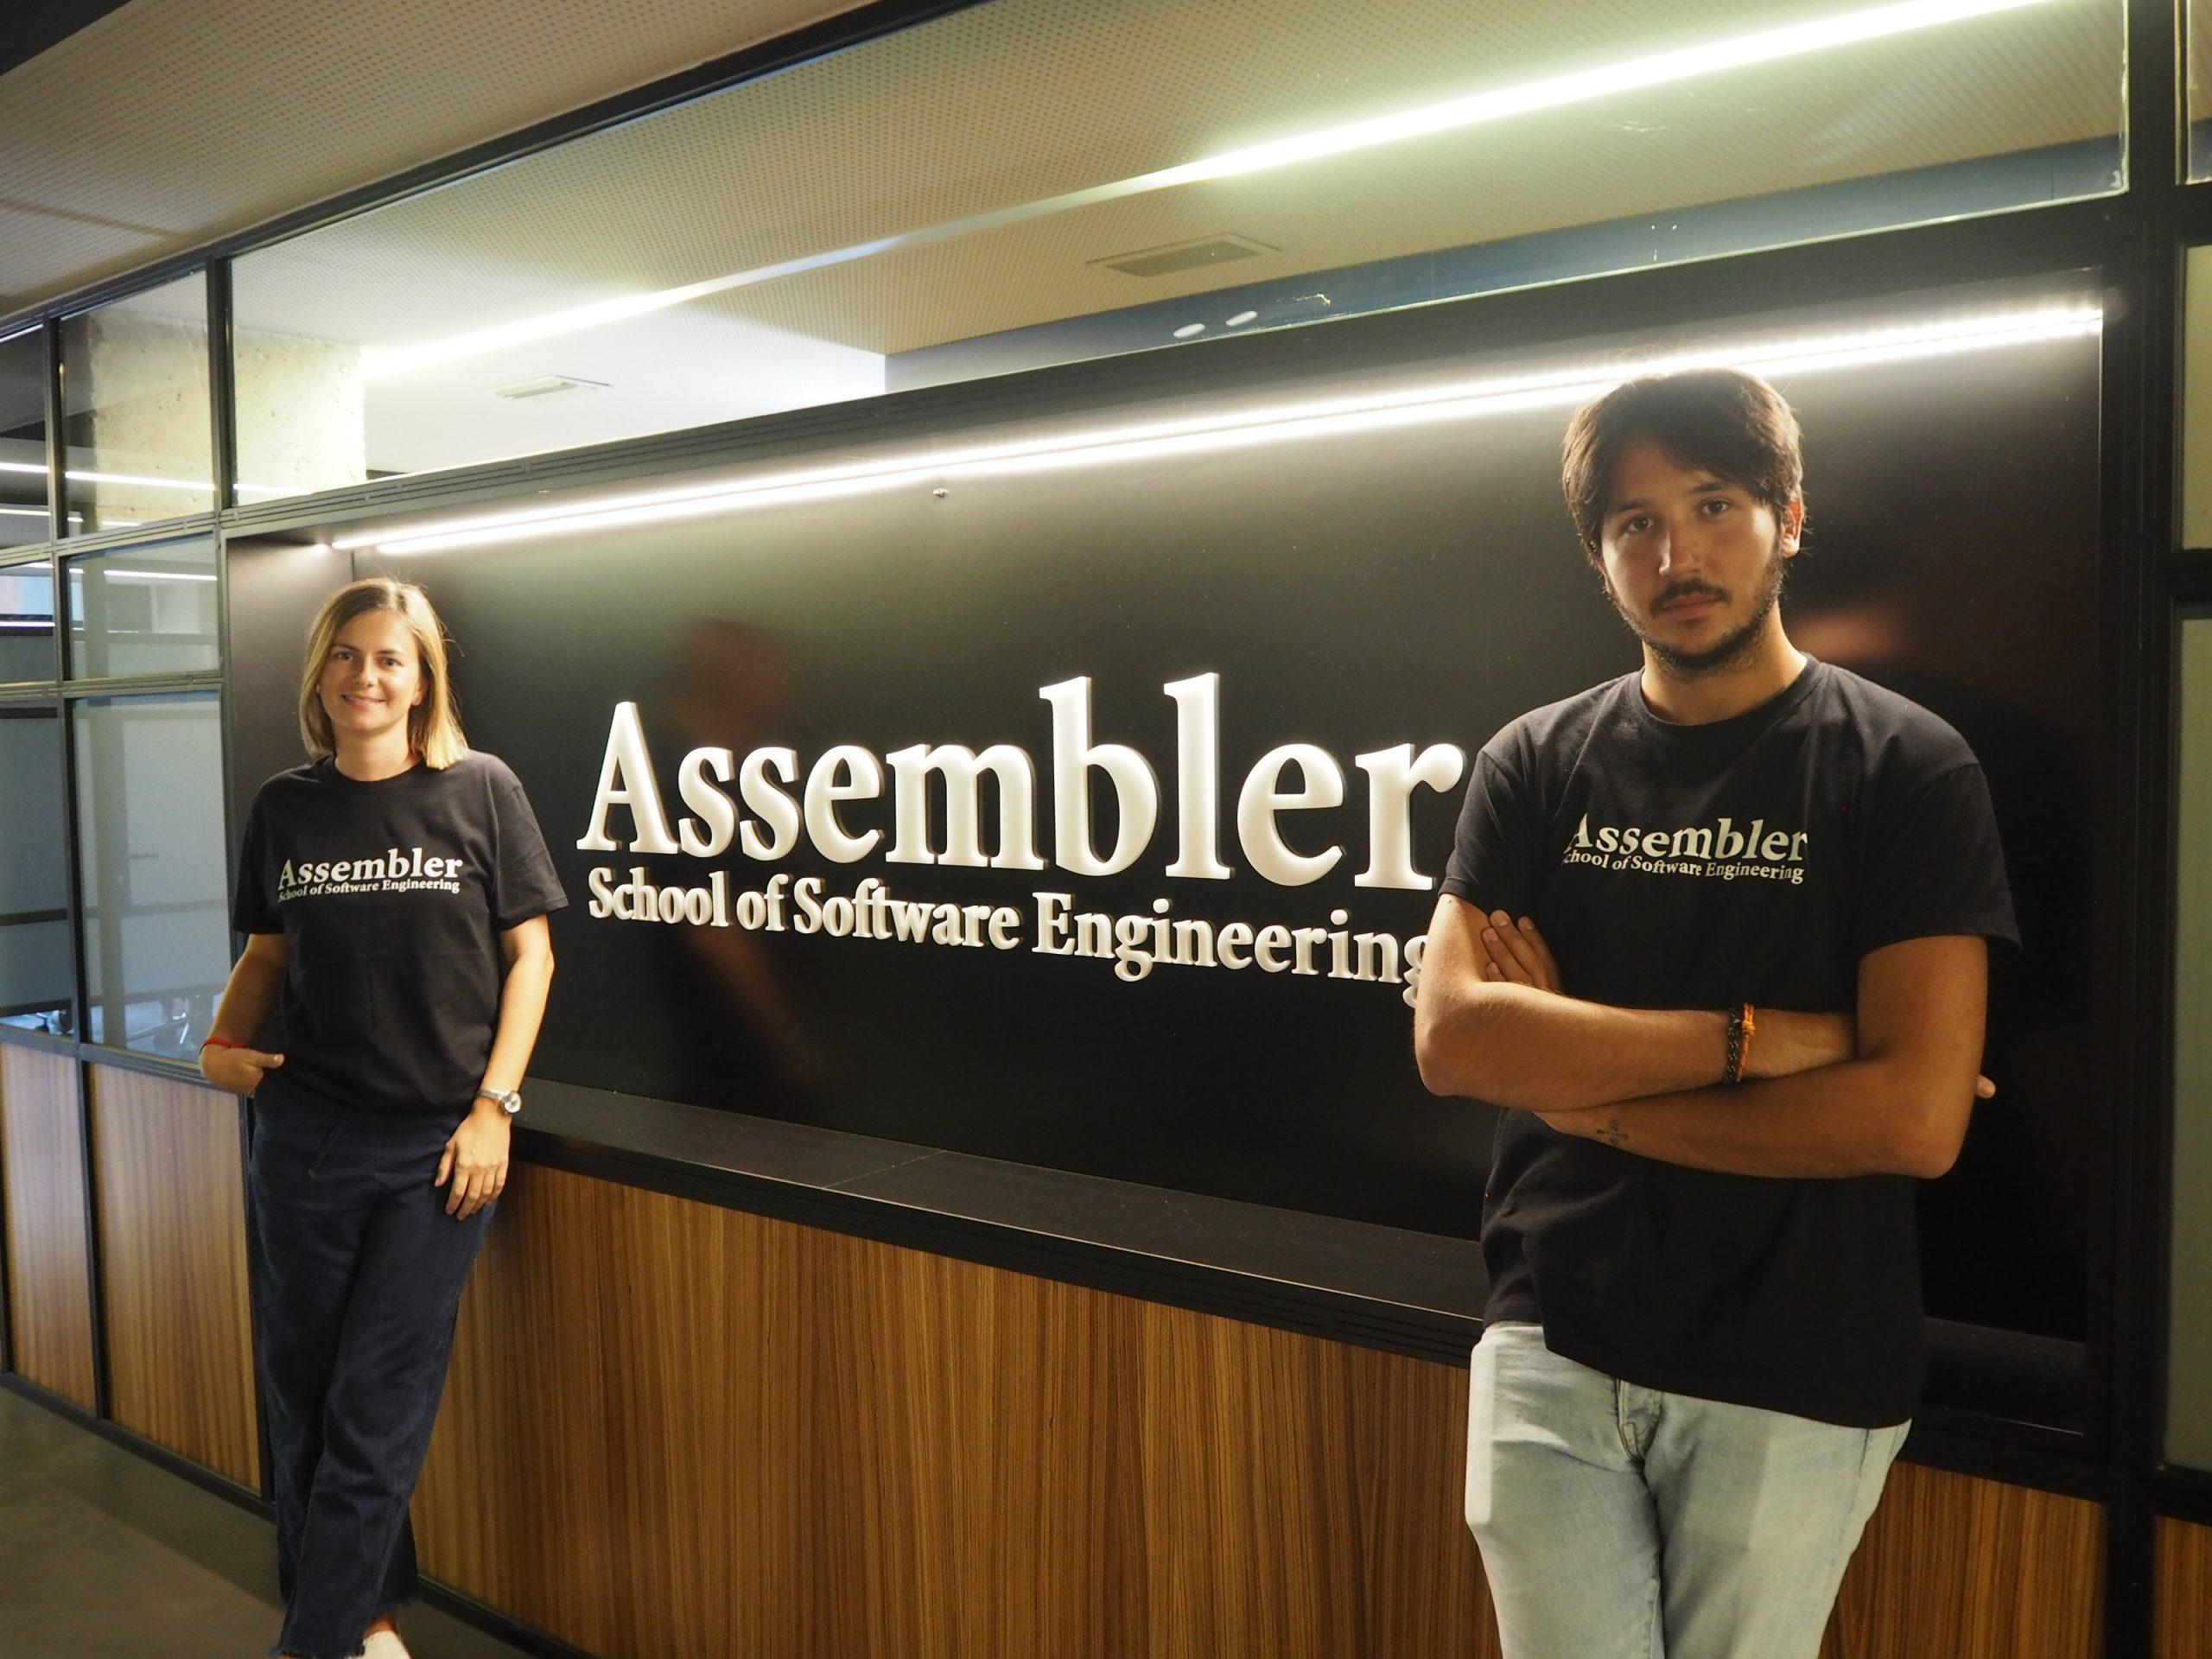 Assembler School, fundada por Cristian Fondevila yKasia Adamowicz, nació en junio 2019 de la necesidad empresarial de encontrar programadores altamente cualificado